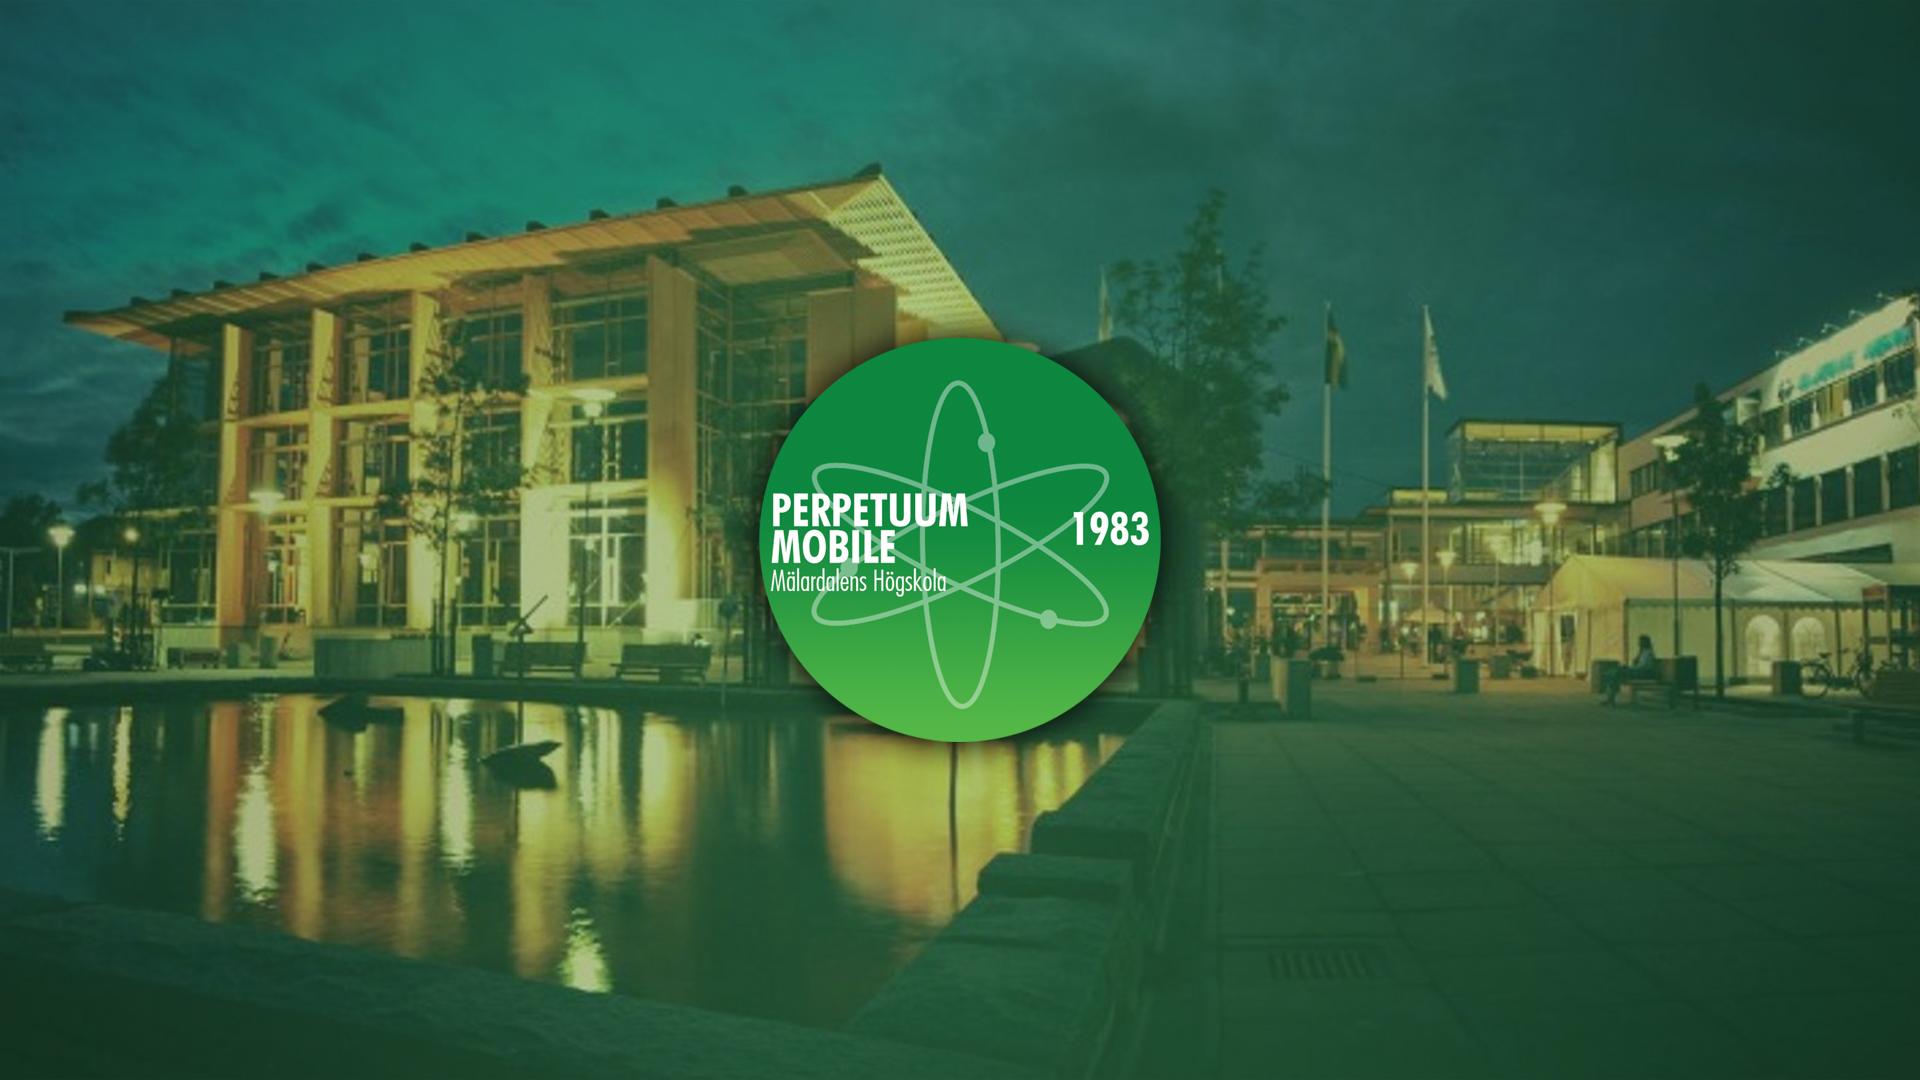 PPM - PerPetuum Mobile